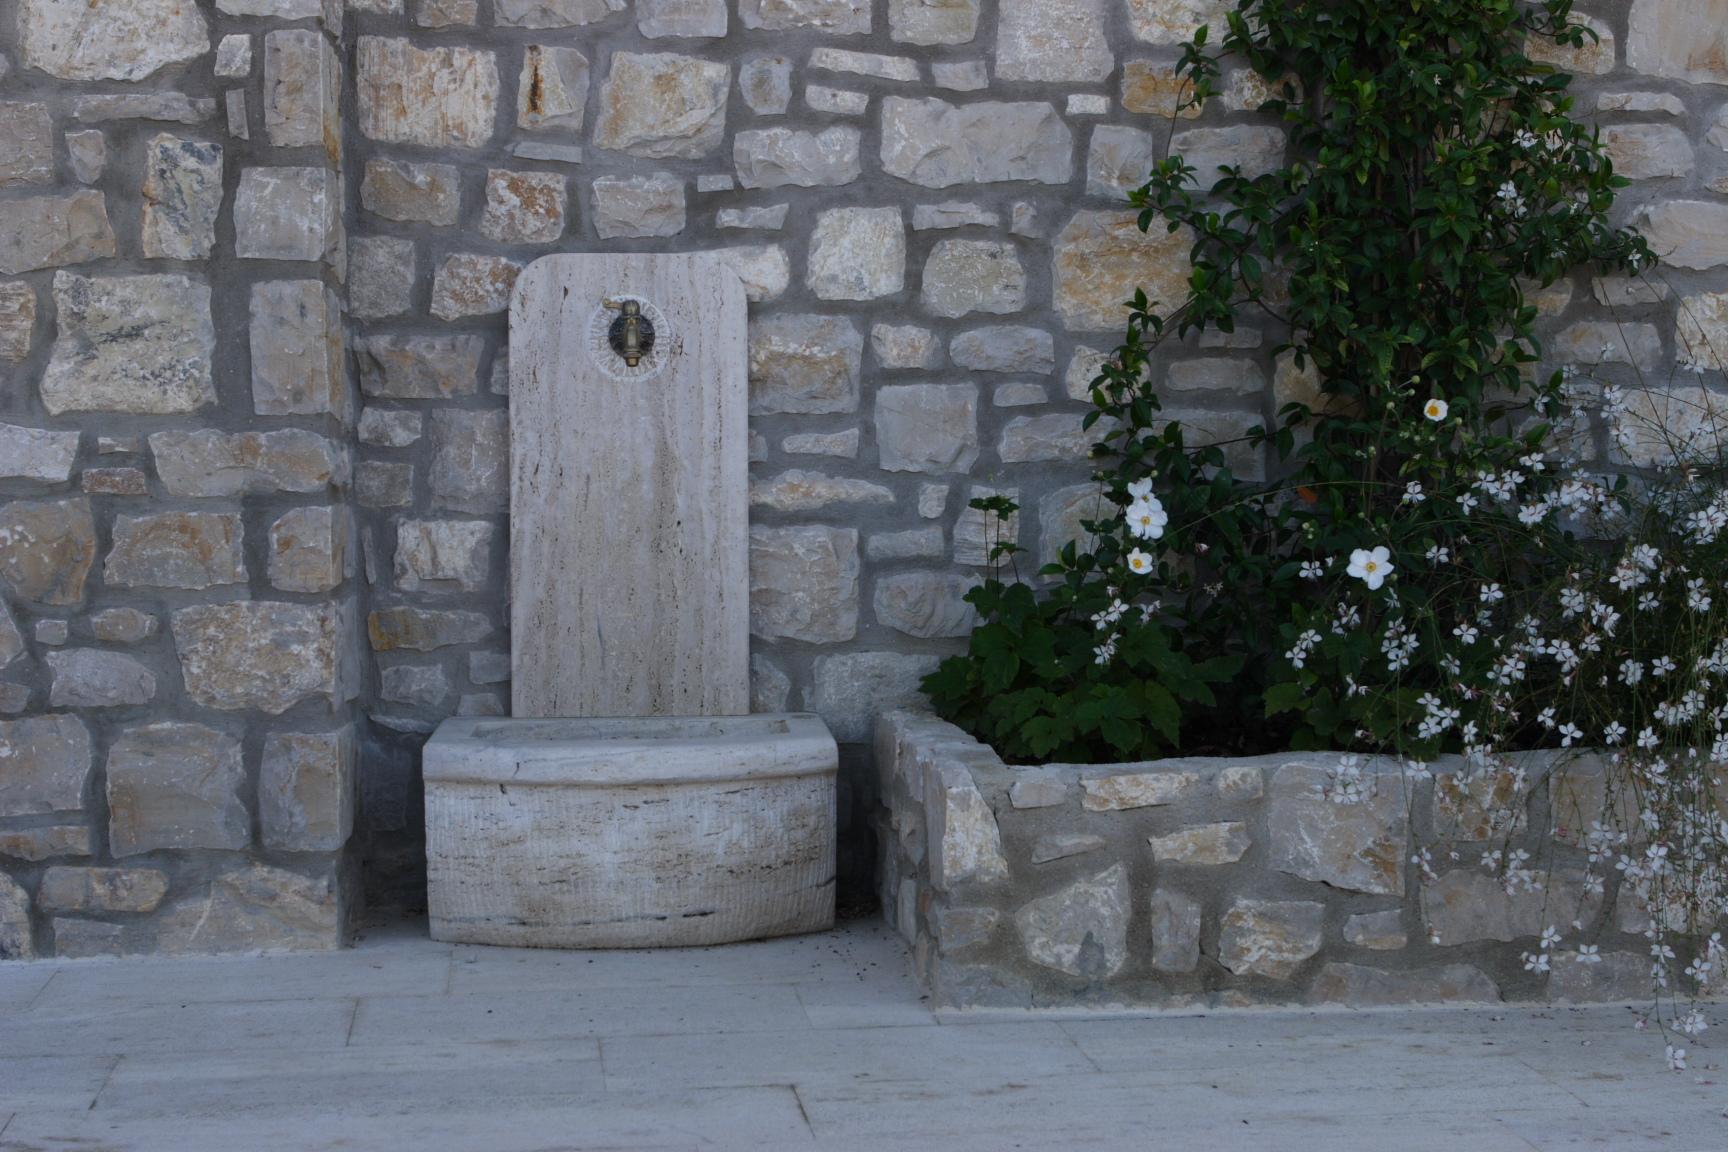 Pietre e manufatti per arredo giardino burlarelli snc for Prodotti per giardino